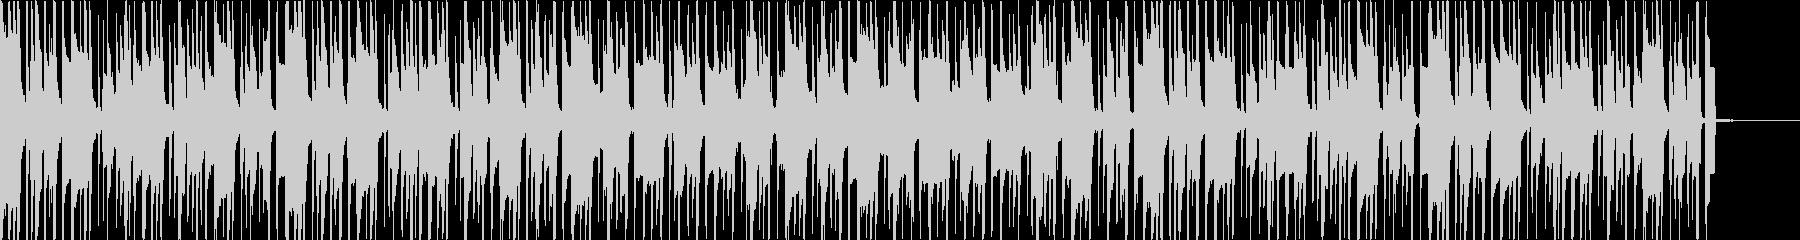 南国、トロピカル、レゲエな曲の未再生の波形